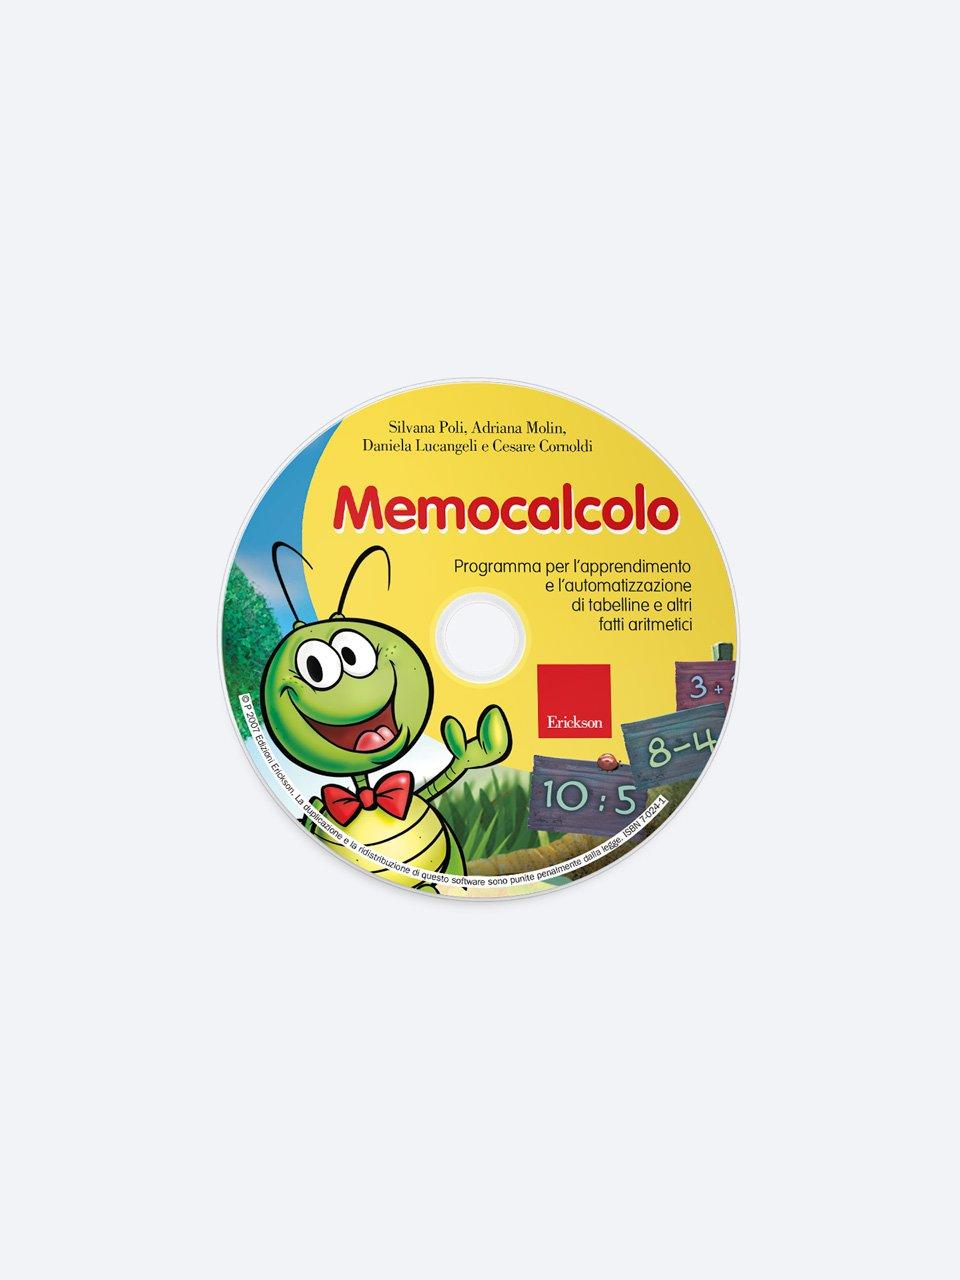 Memocalcolo - Test ABCA - Abilità di calcolo aritmetico - Libri - Erickson 2